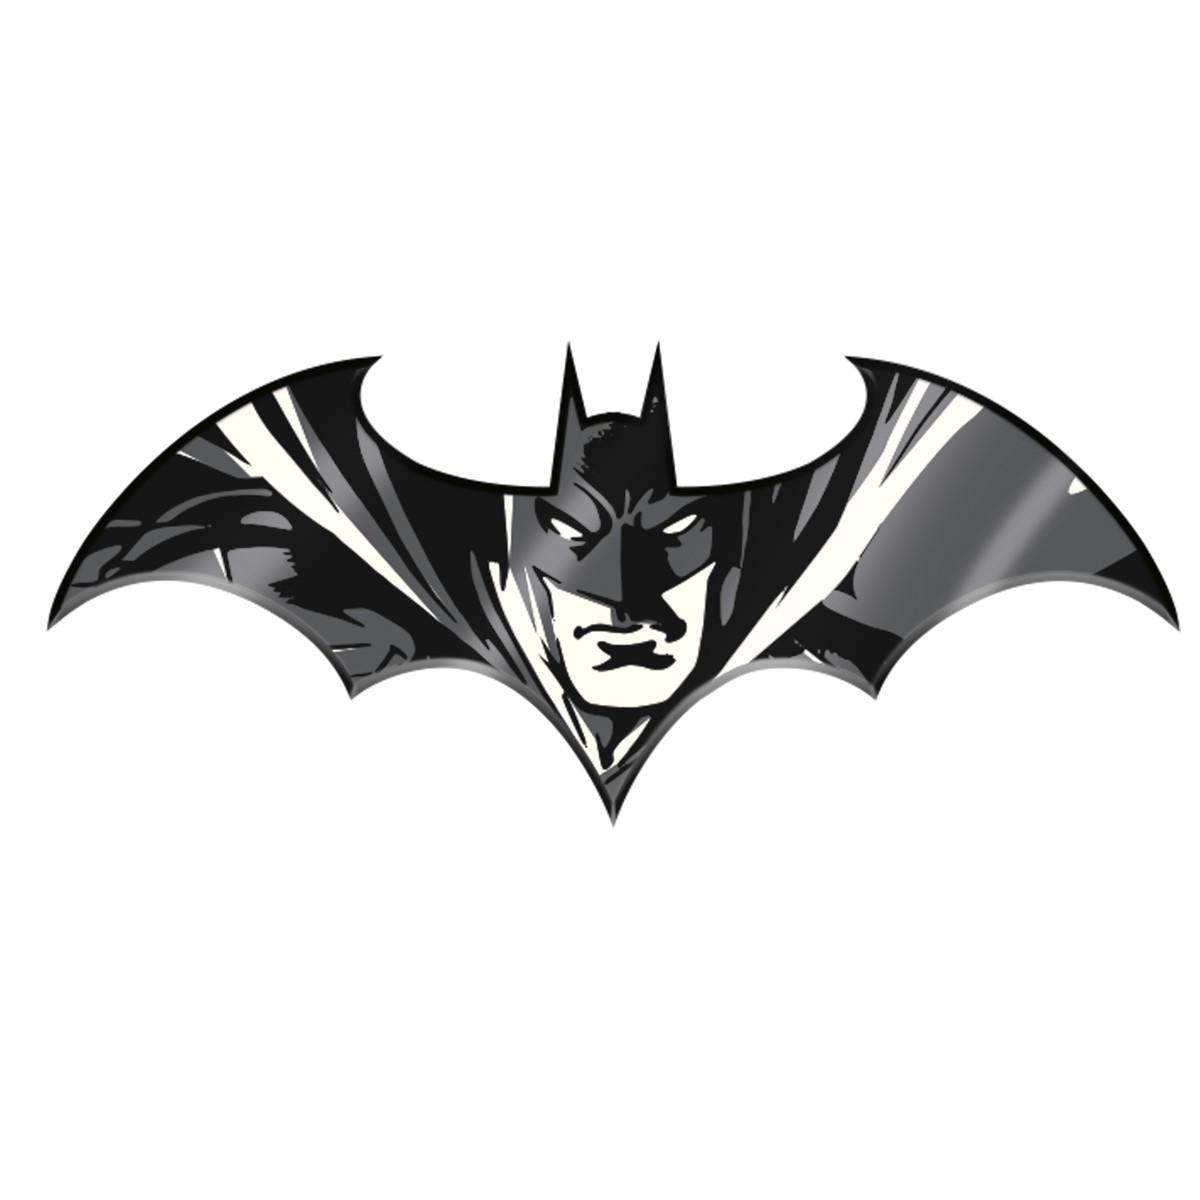 Placa de Alumínio Batman Preto